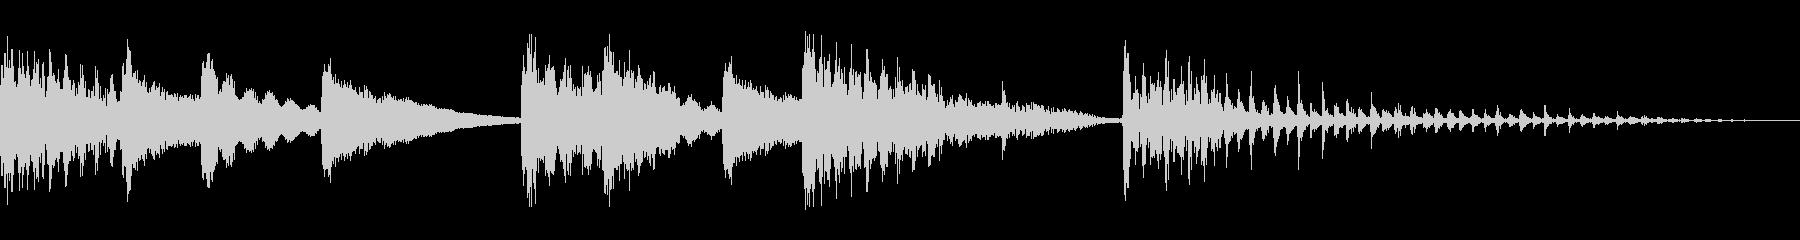 マリンバとエレピのスイングジングルの未再生の波形